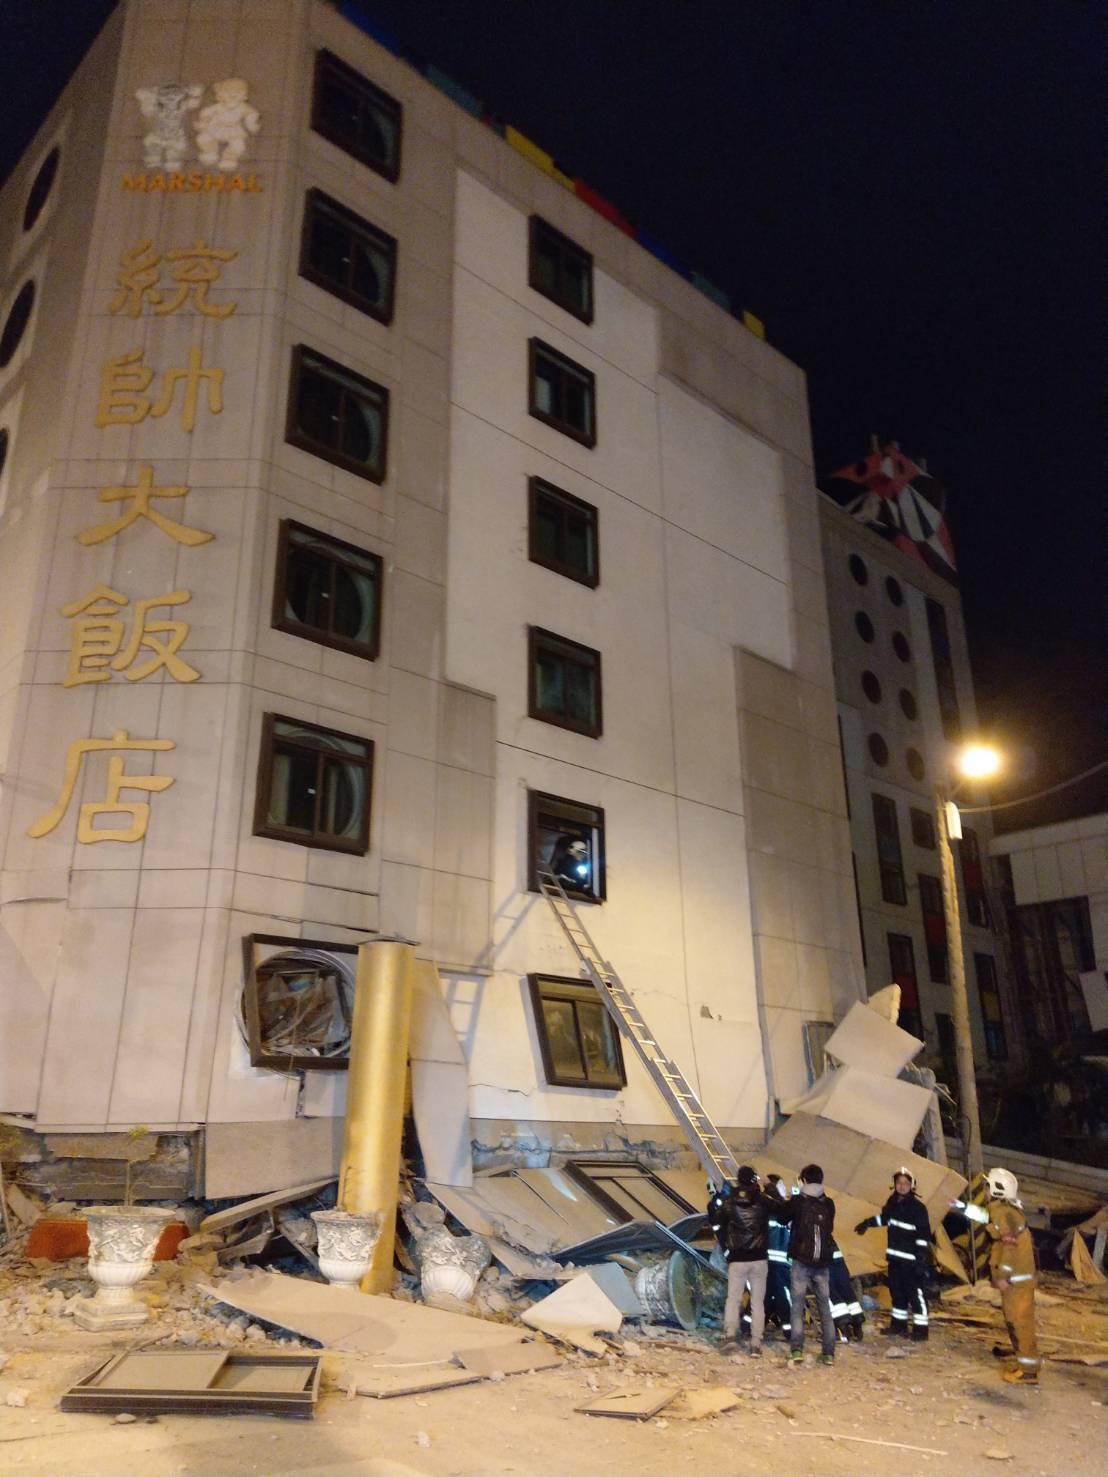 花蓮統帥飯店一樓整個塌陷。 記者王燕華/攝影